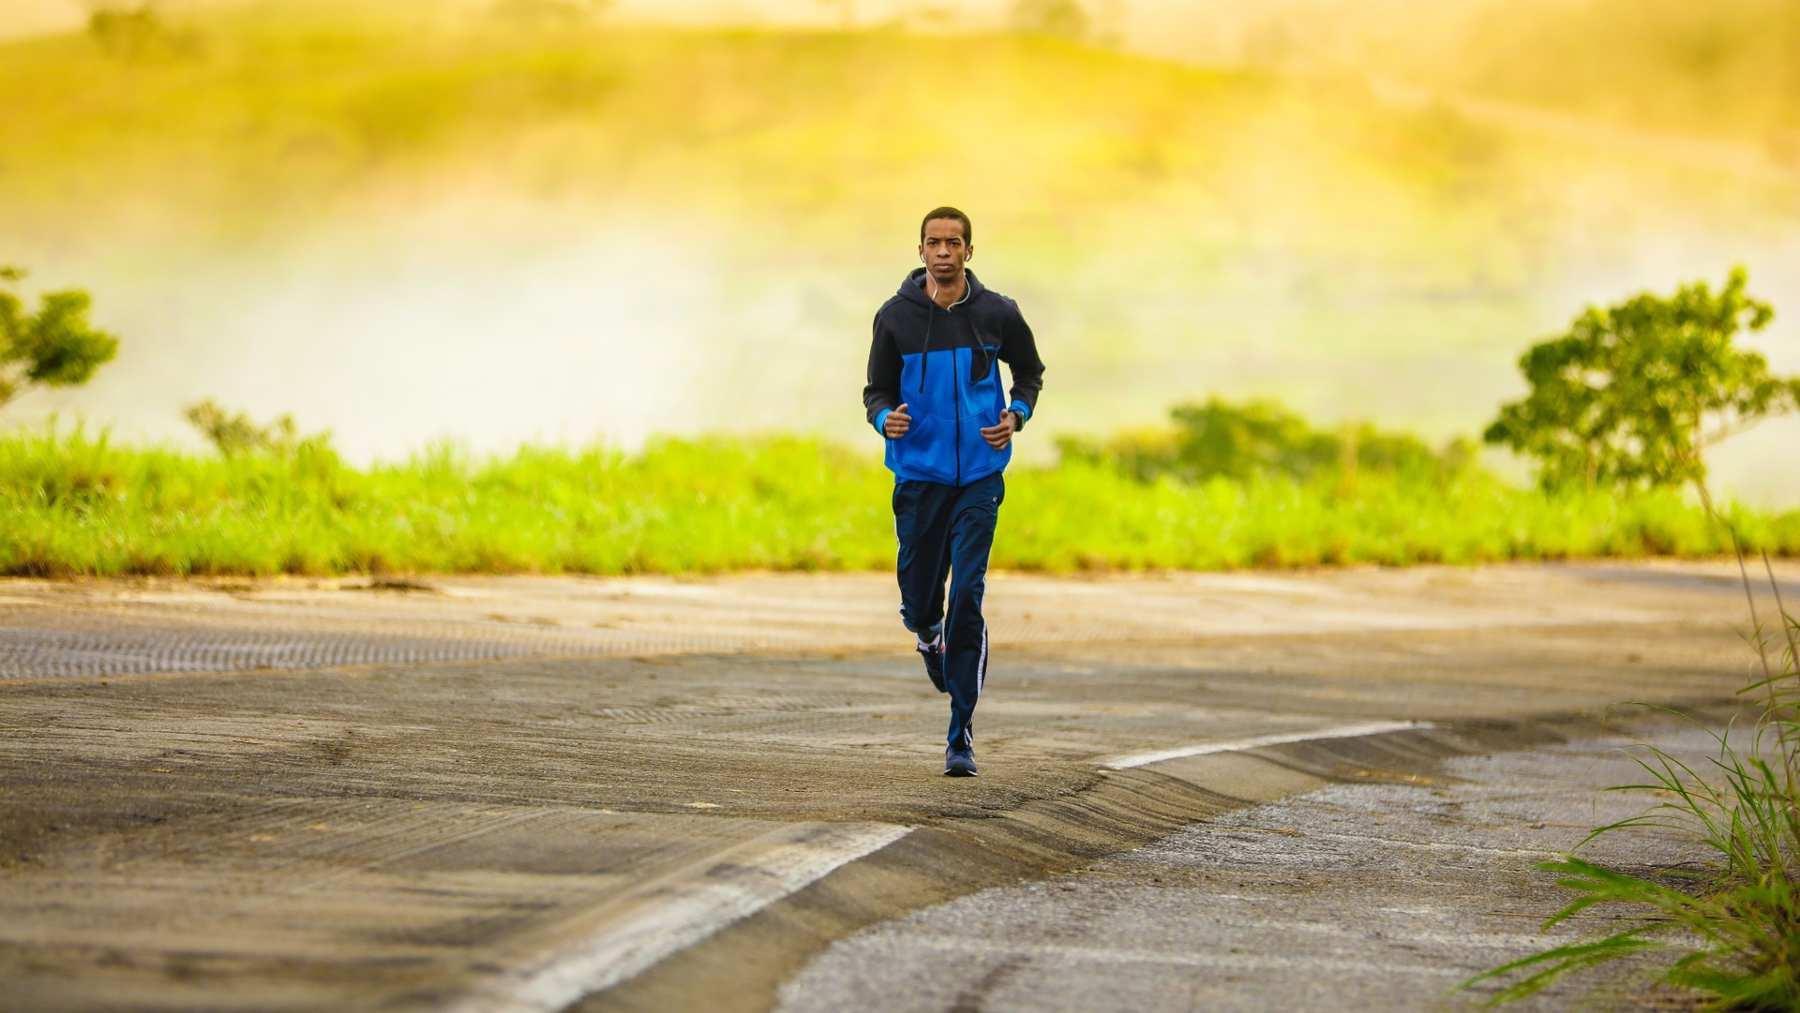 ¿Cómo se preparan los atletas?